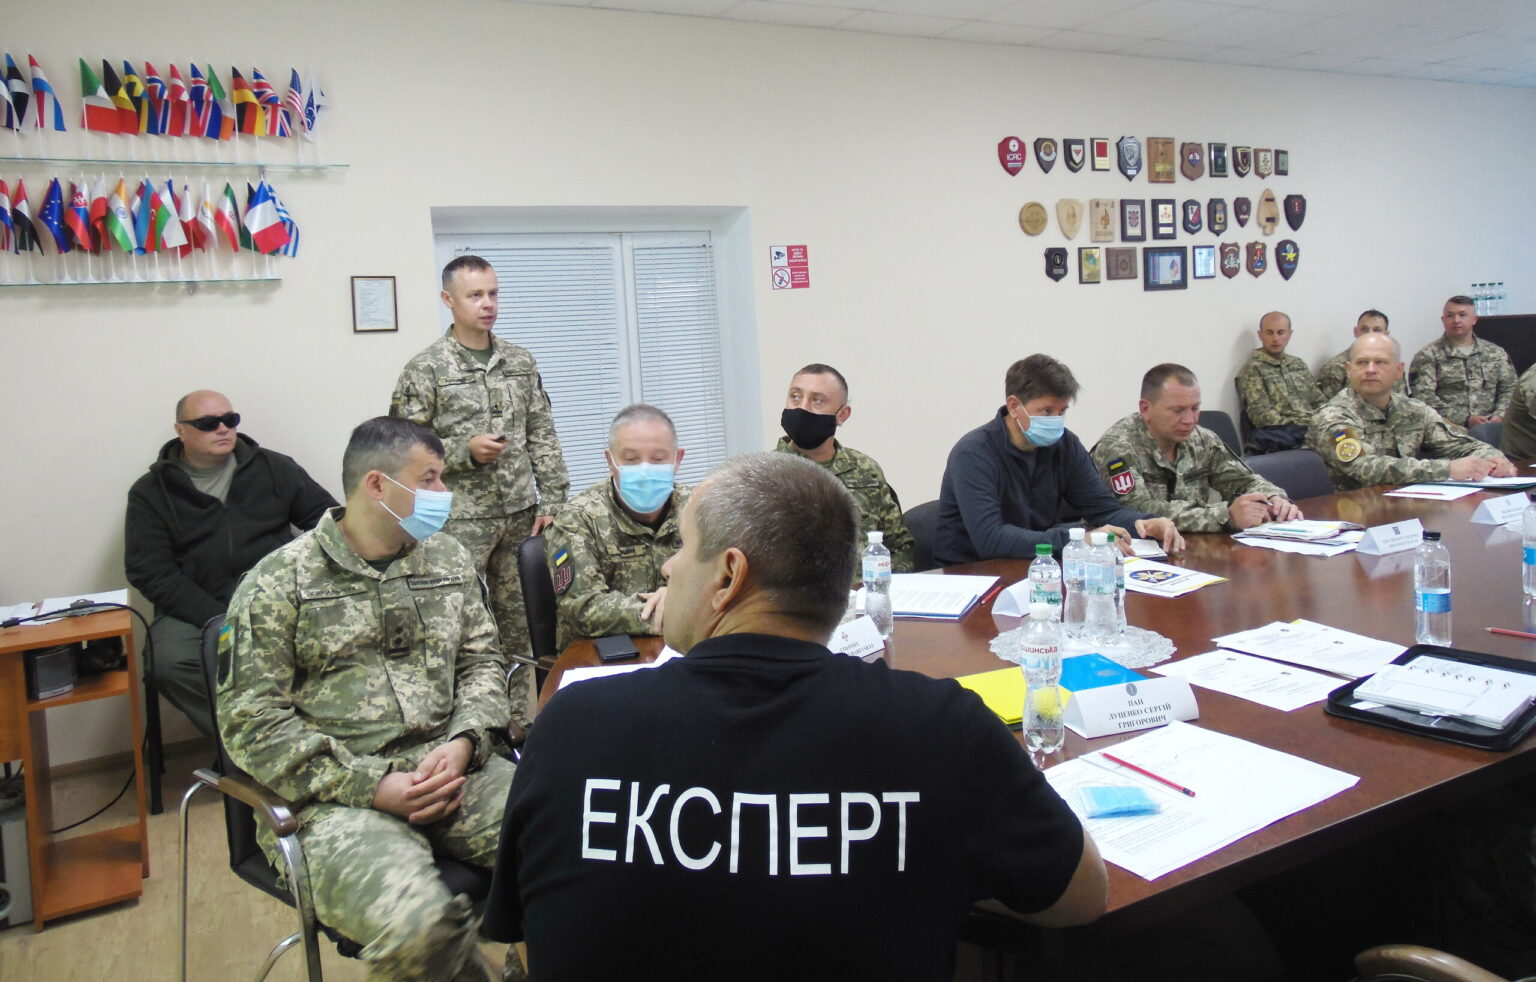 Експерти КНДІСЕ взяли участь у засіданні спільної робочої групи України та Канади з питань інженерного забезпечення та протидії загрозам від вибухонебезпечних пристроїв